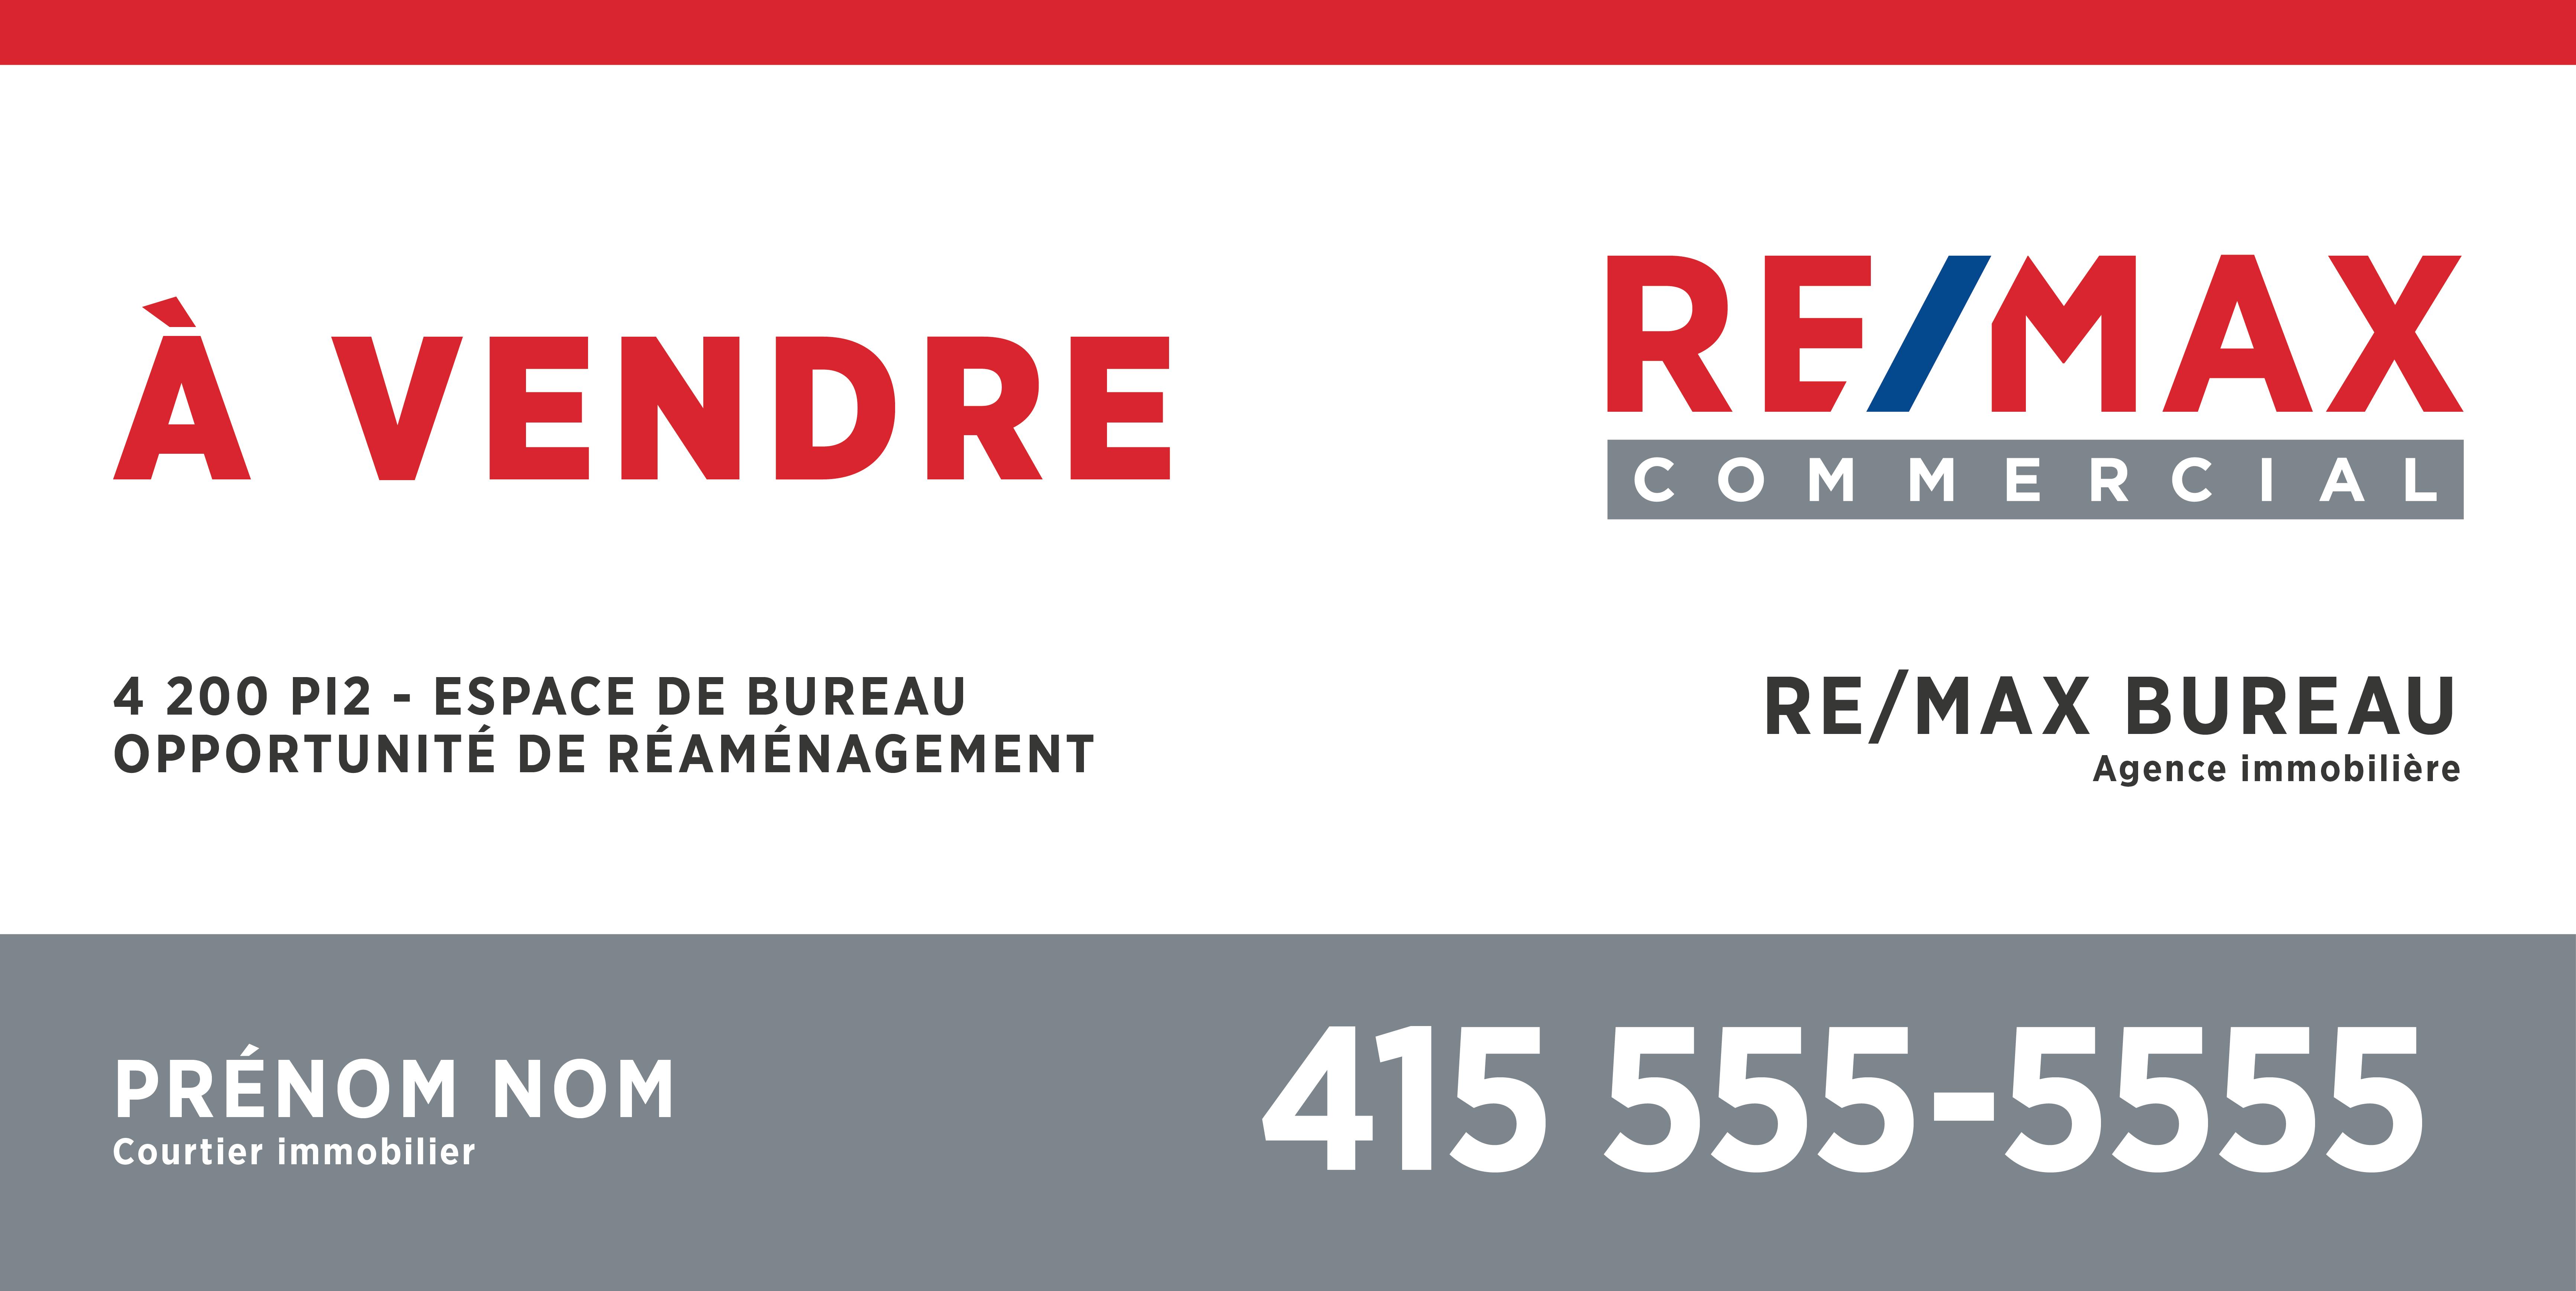 REM-1203 Enseignes commerciale A VENDRE